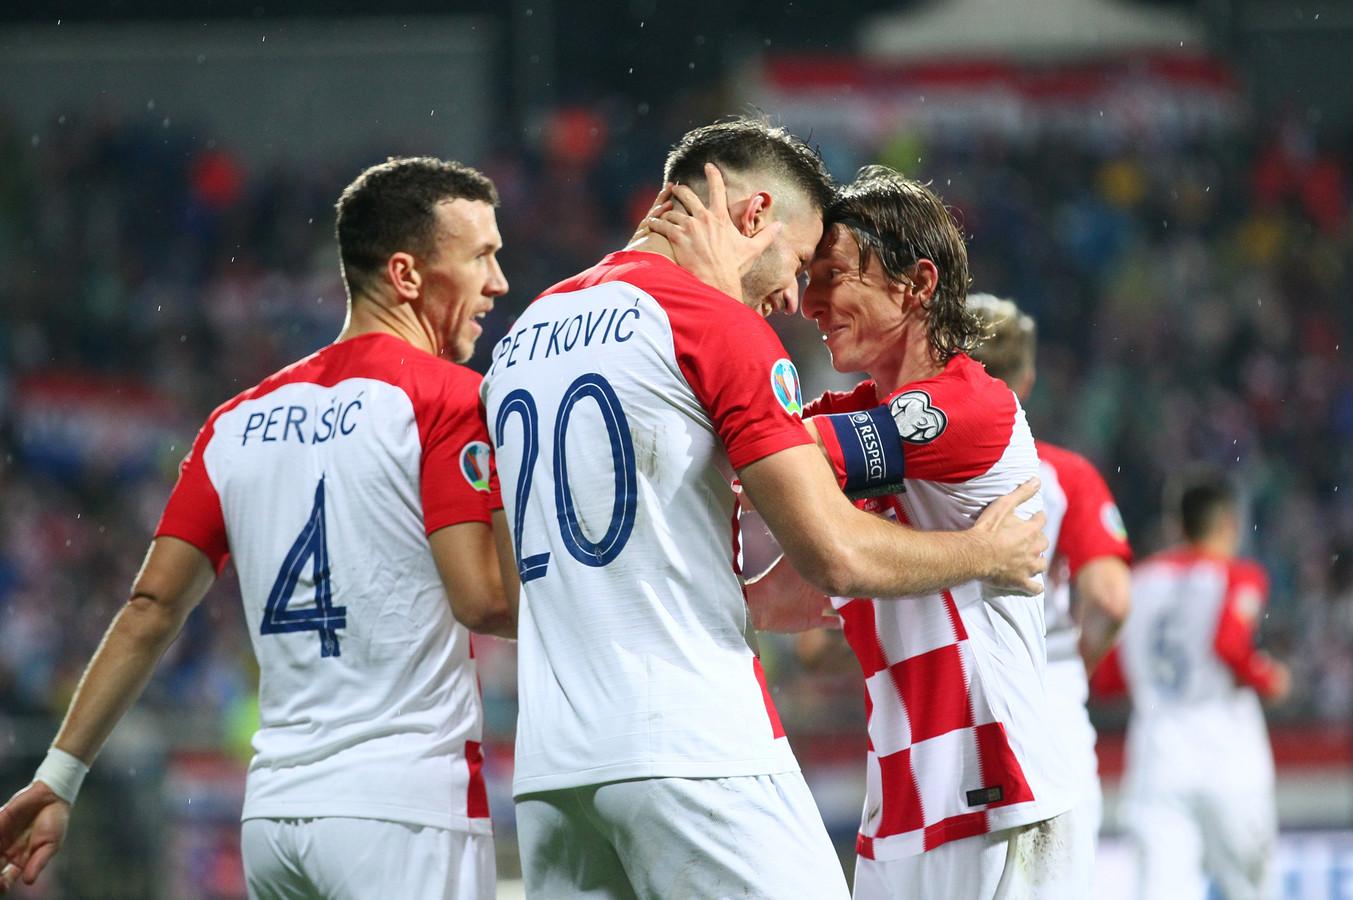 Bruno Petkovic viert zijn gescoorde goal met Luka Modric.